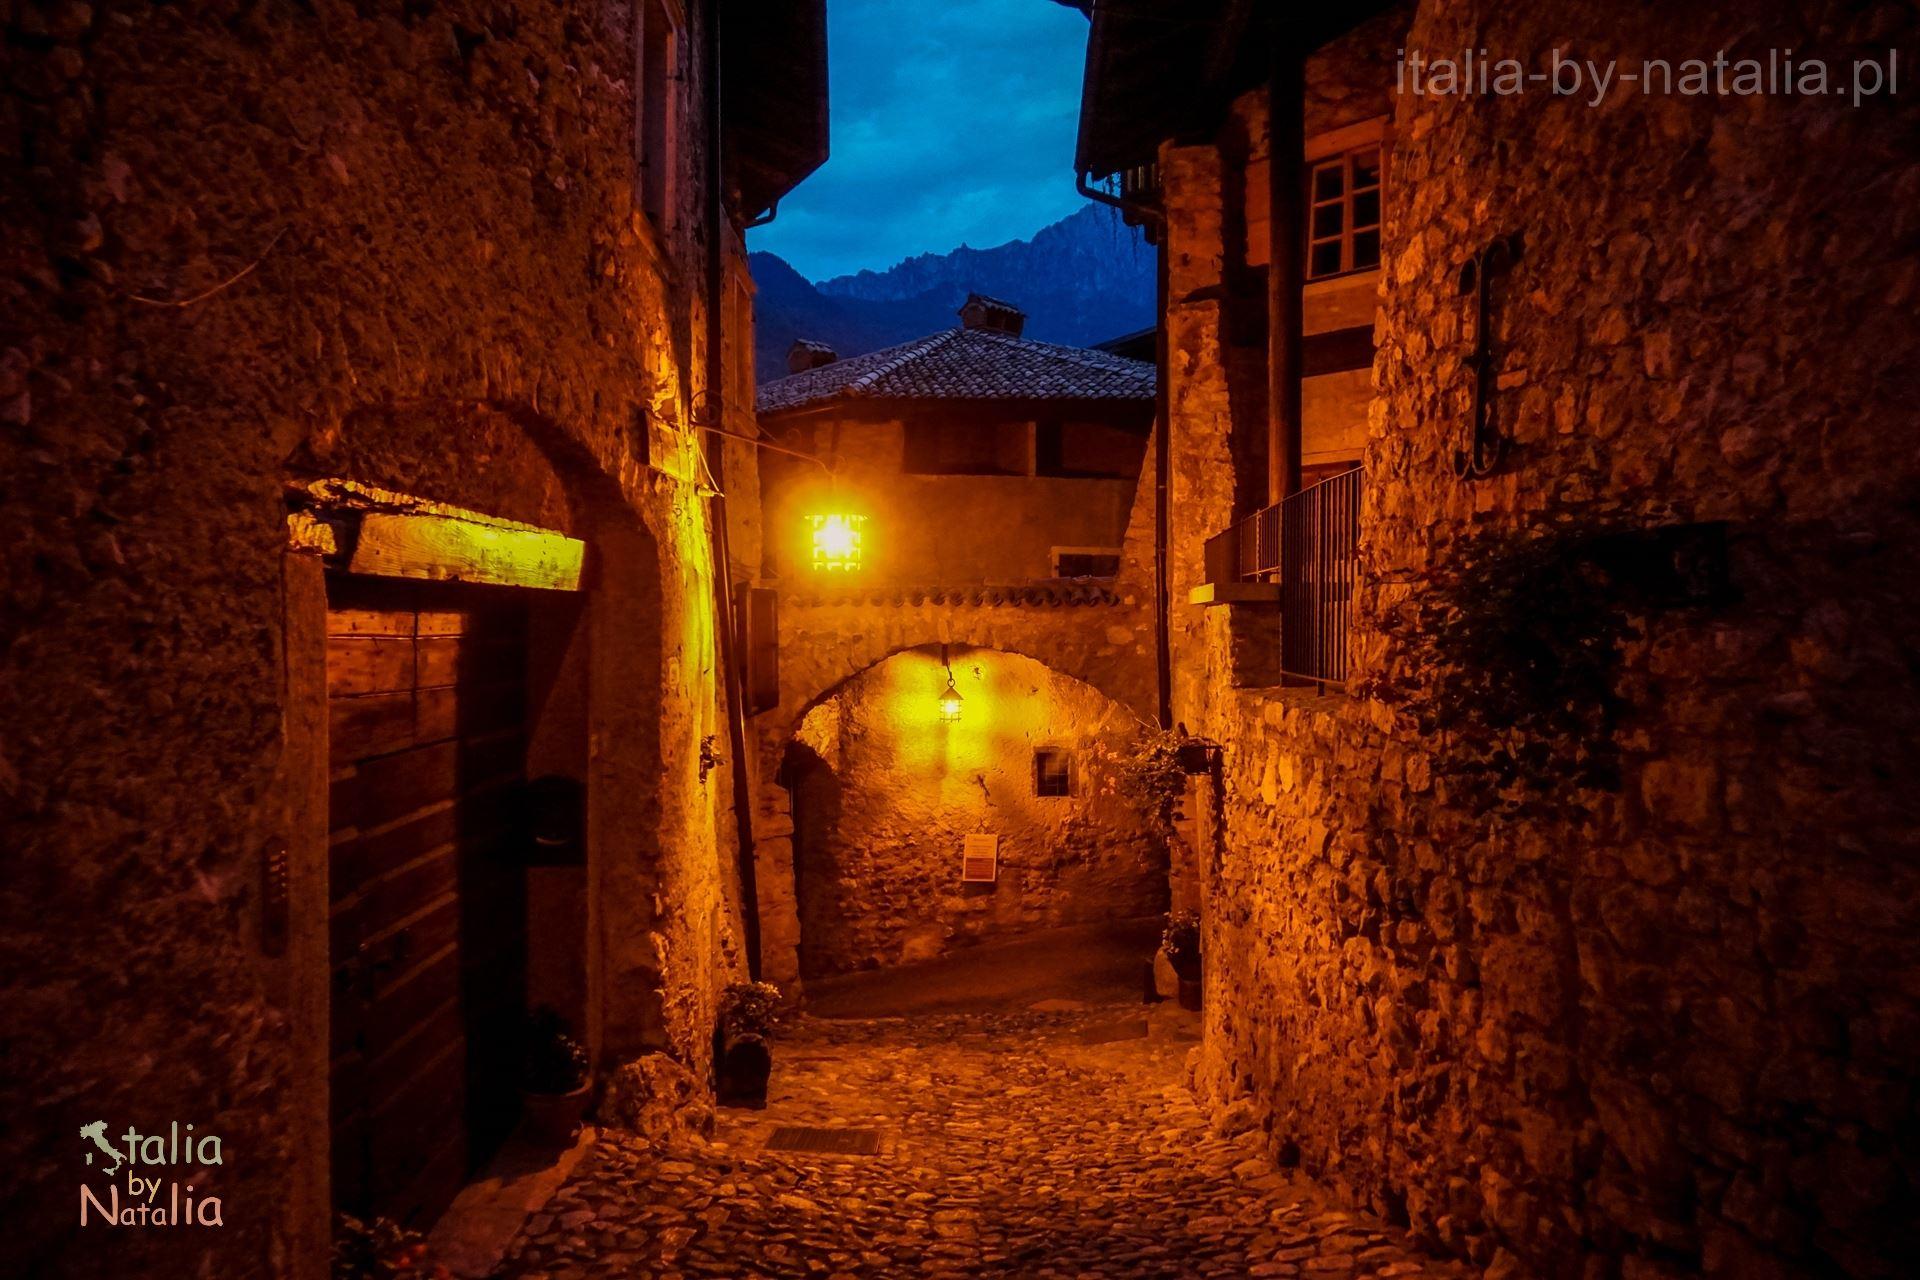 Canale di Tenno Garda Trentino Canale Tenno Varone